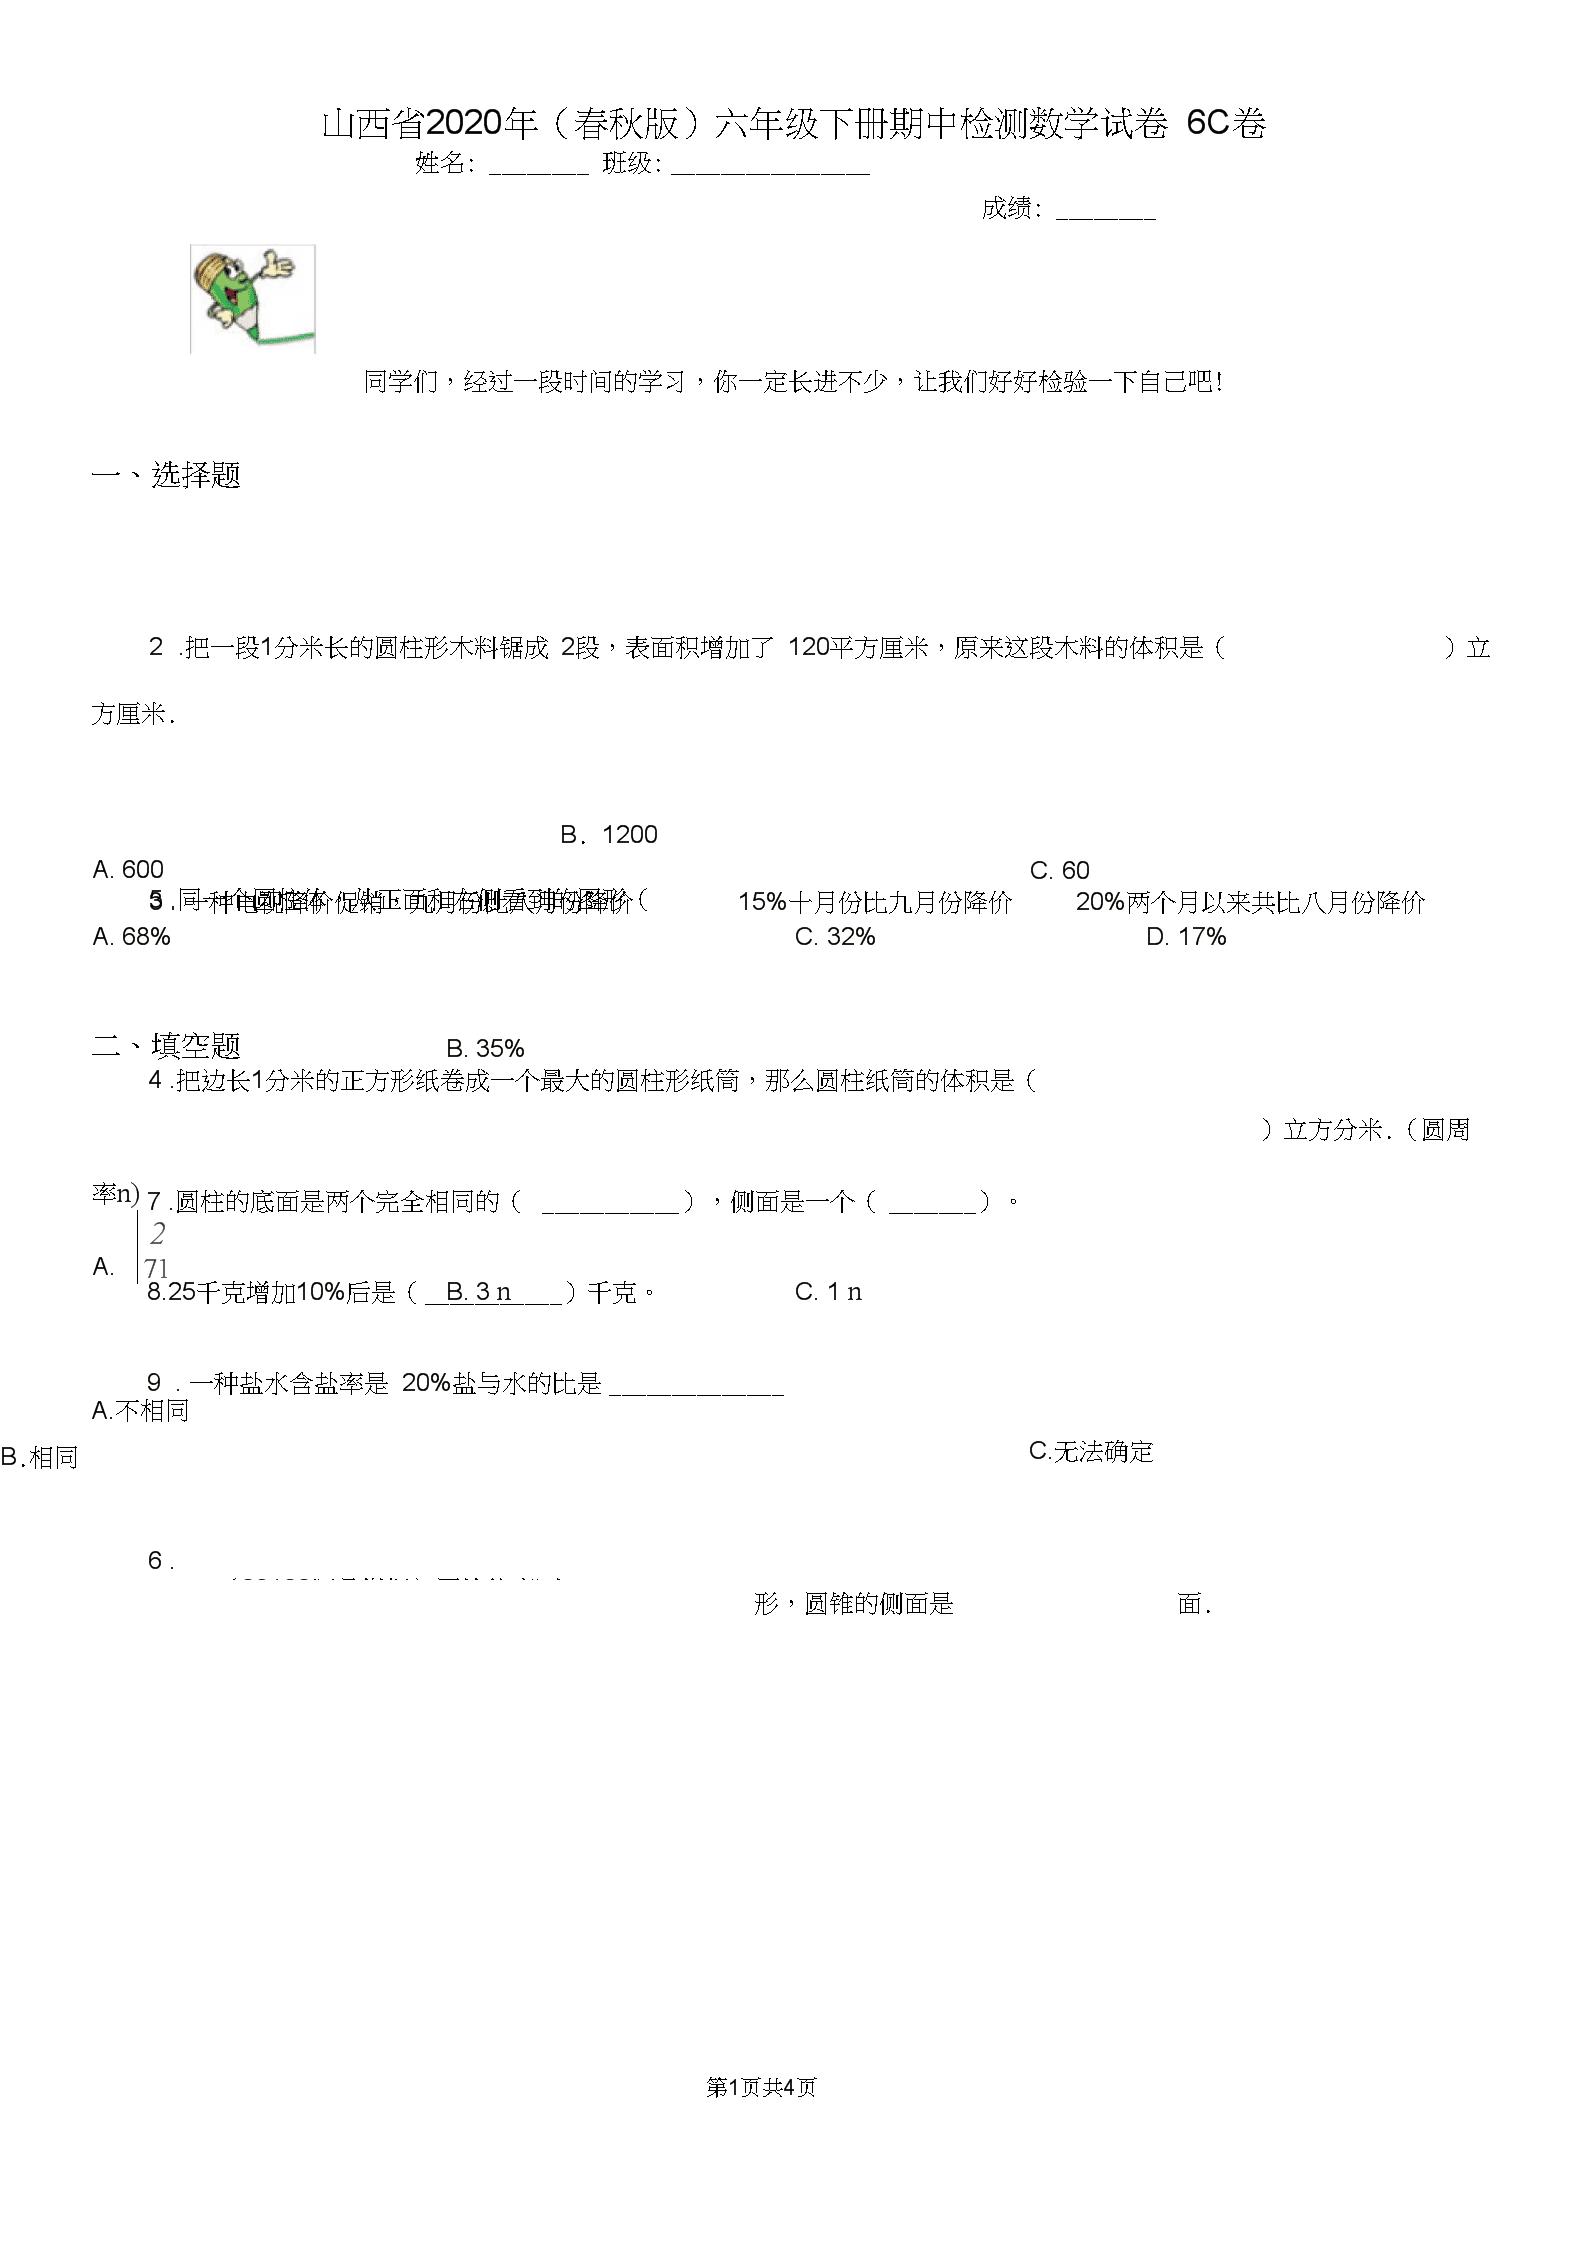 山西省2020年(春秋版)六年级下册期中检测数学试卷6C卷.docx